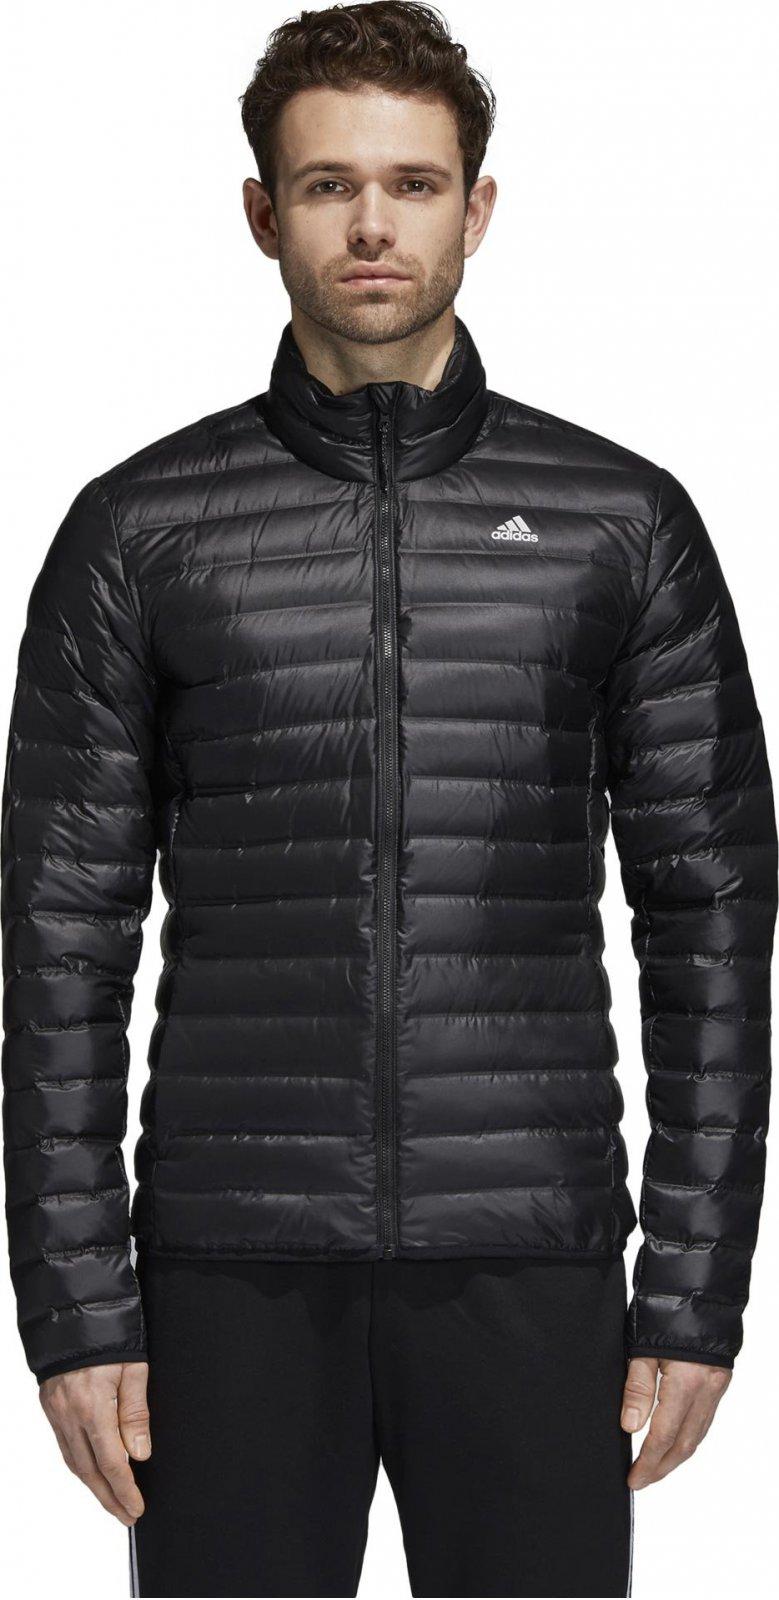 7c1883377d52 Adidas Varilite Down Black od 1 390 Kč